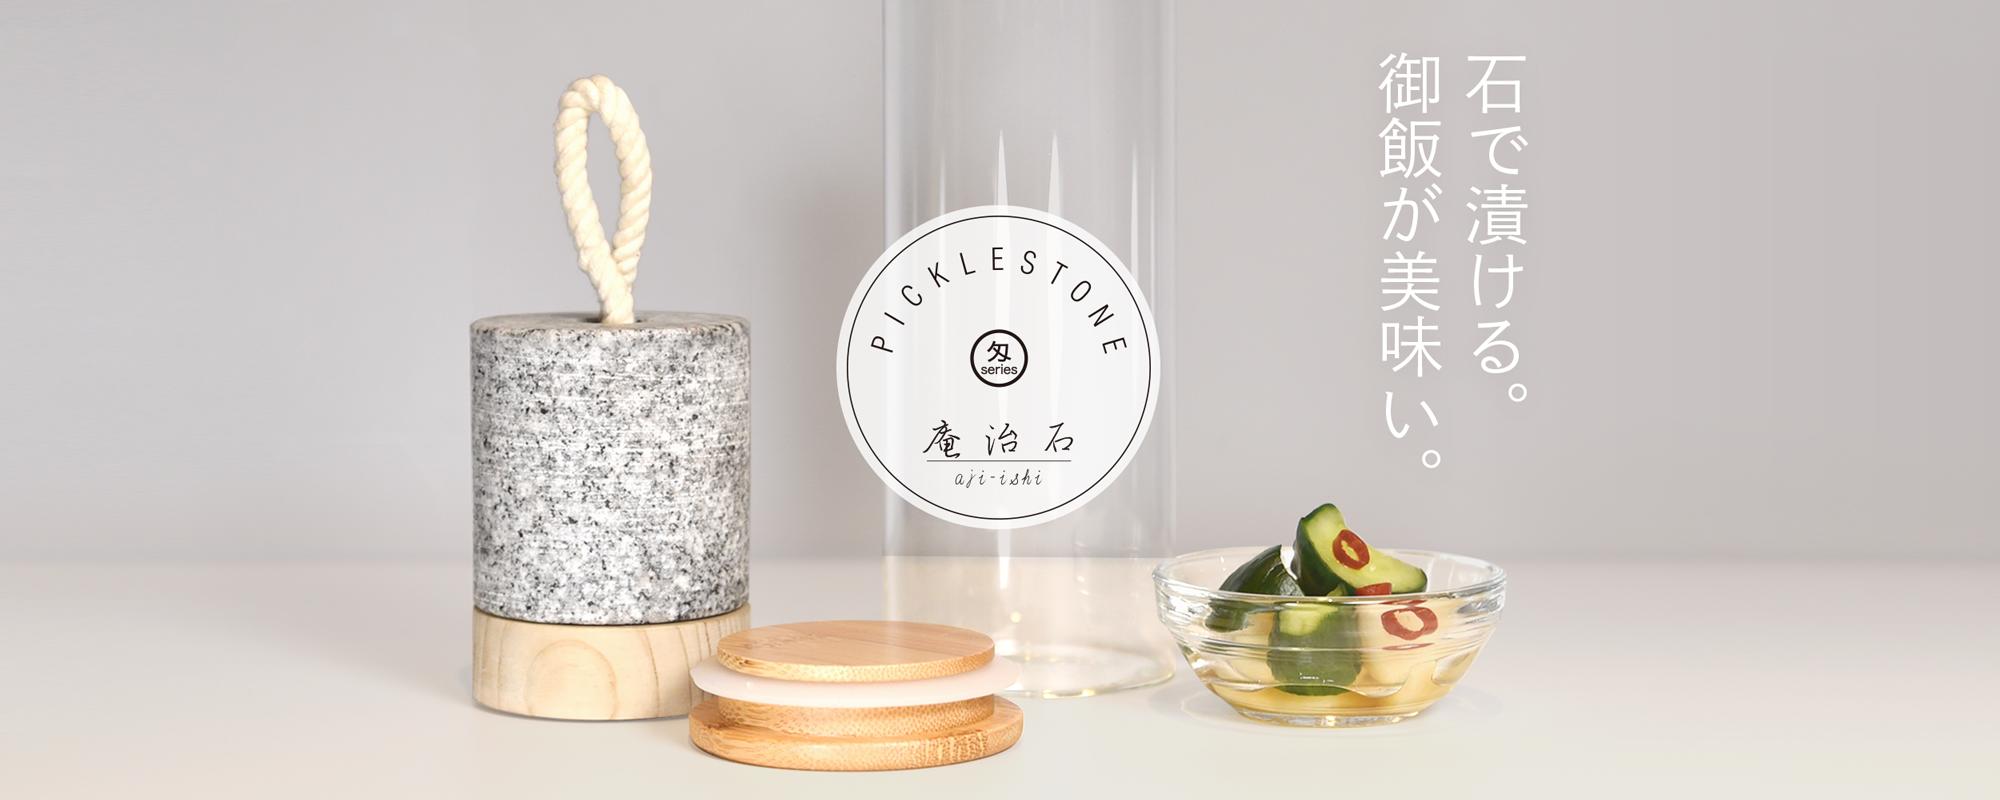 Picklestone 新しいスタイルのキッチンにあう漬物容器